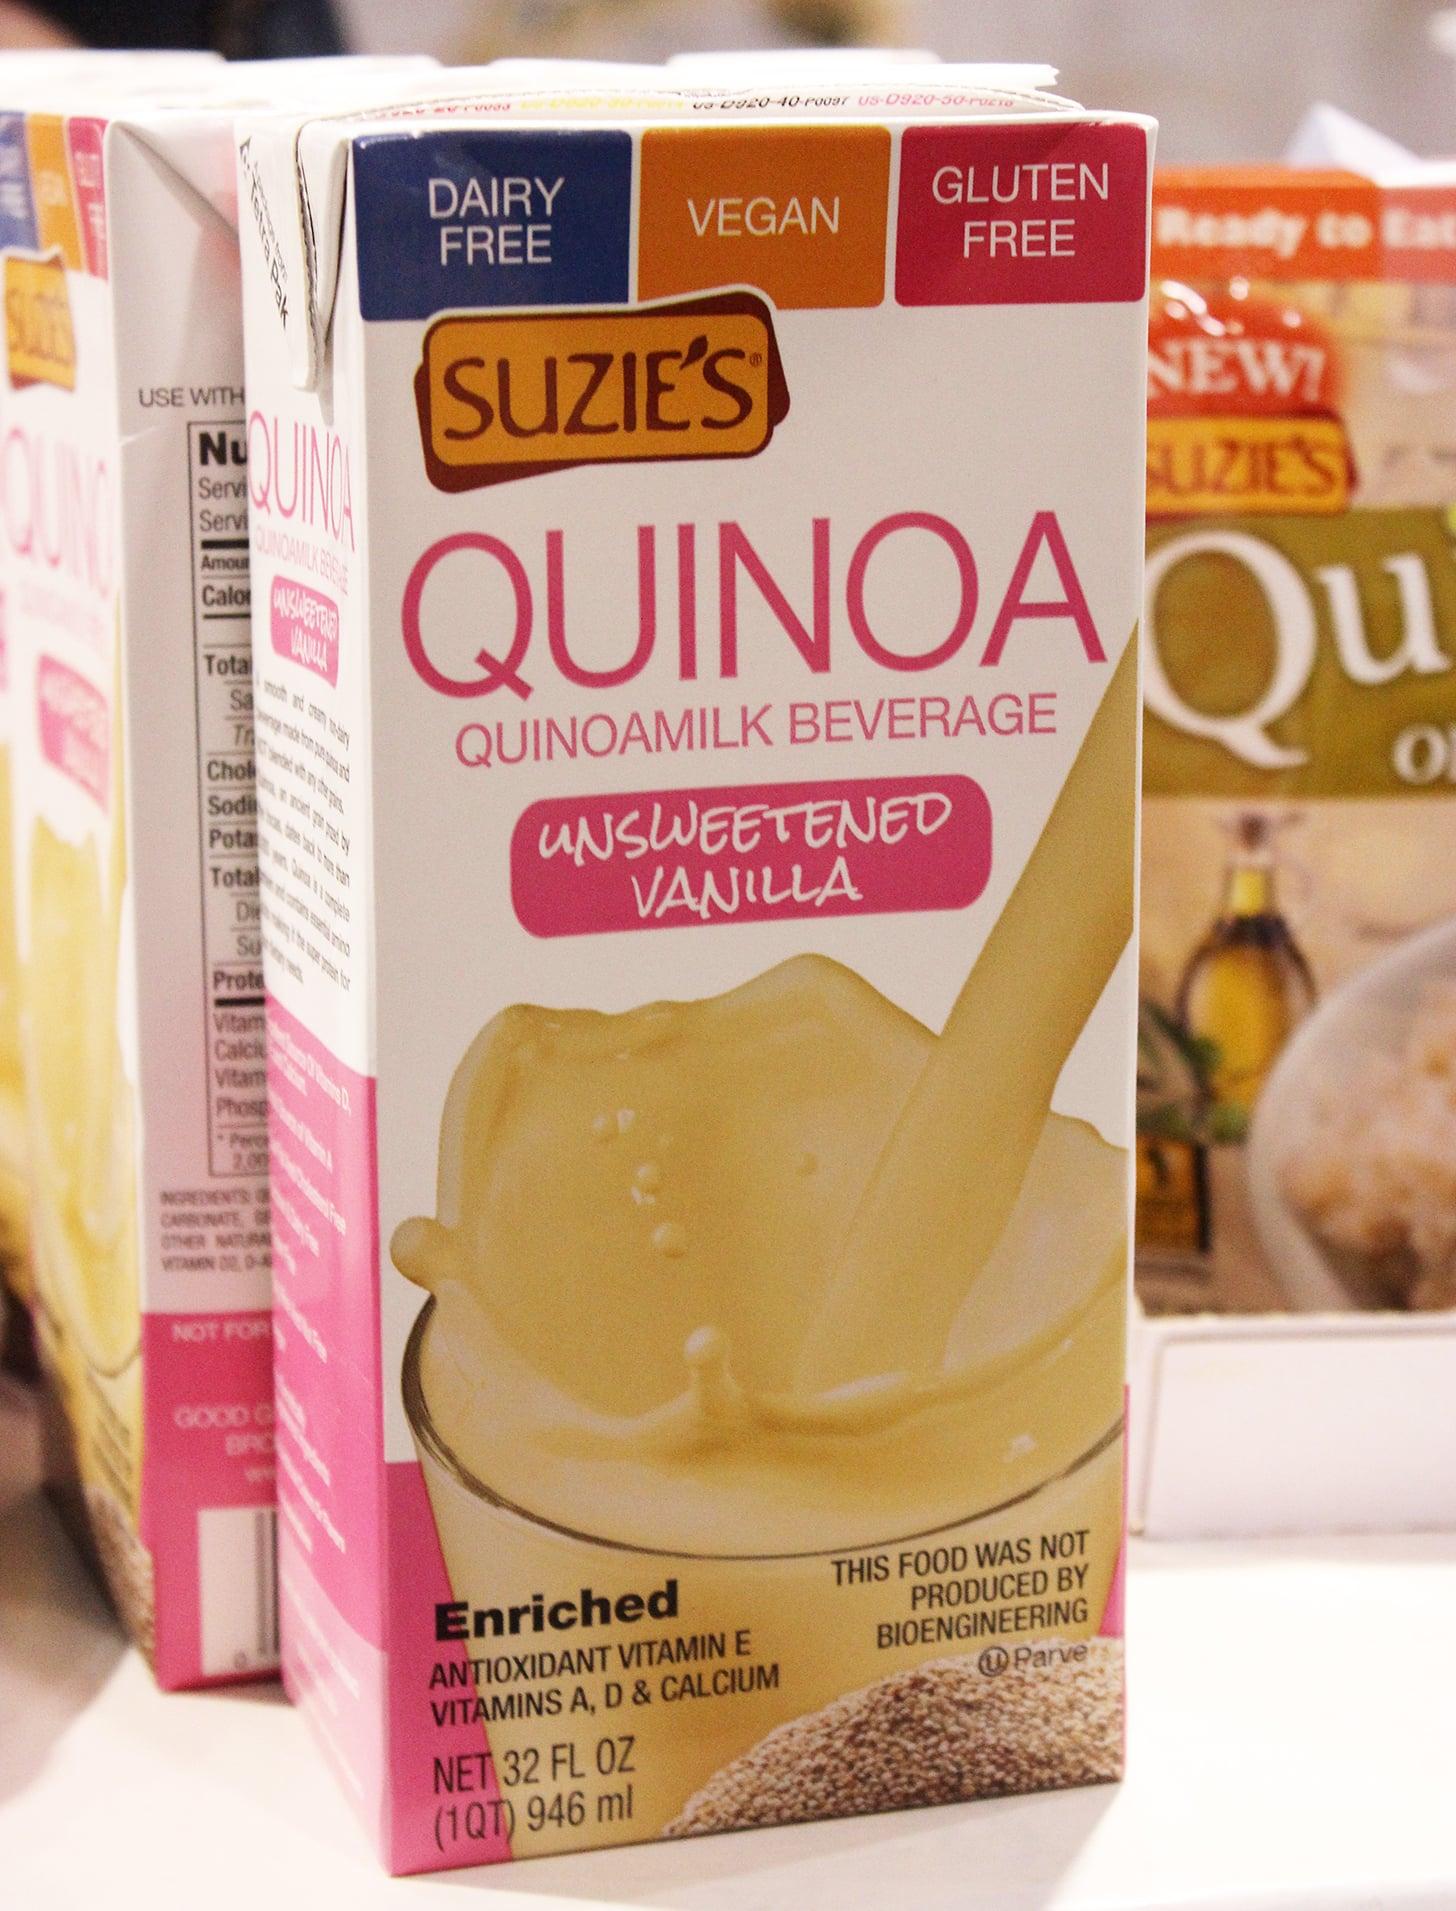 Lots of Quinoa